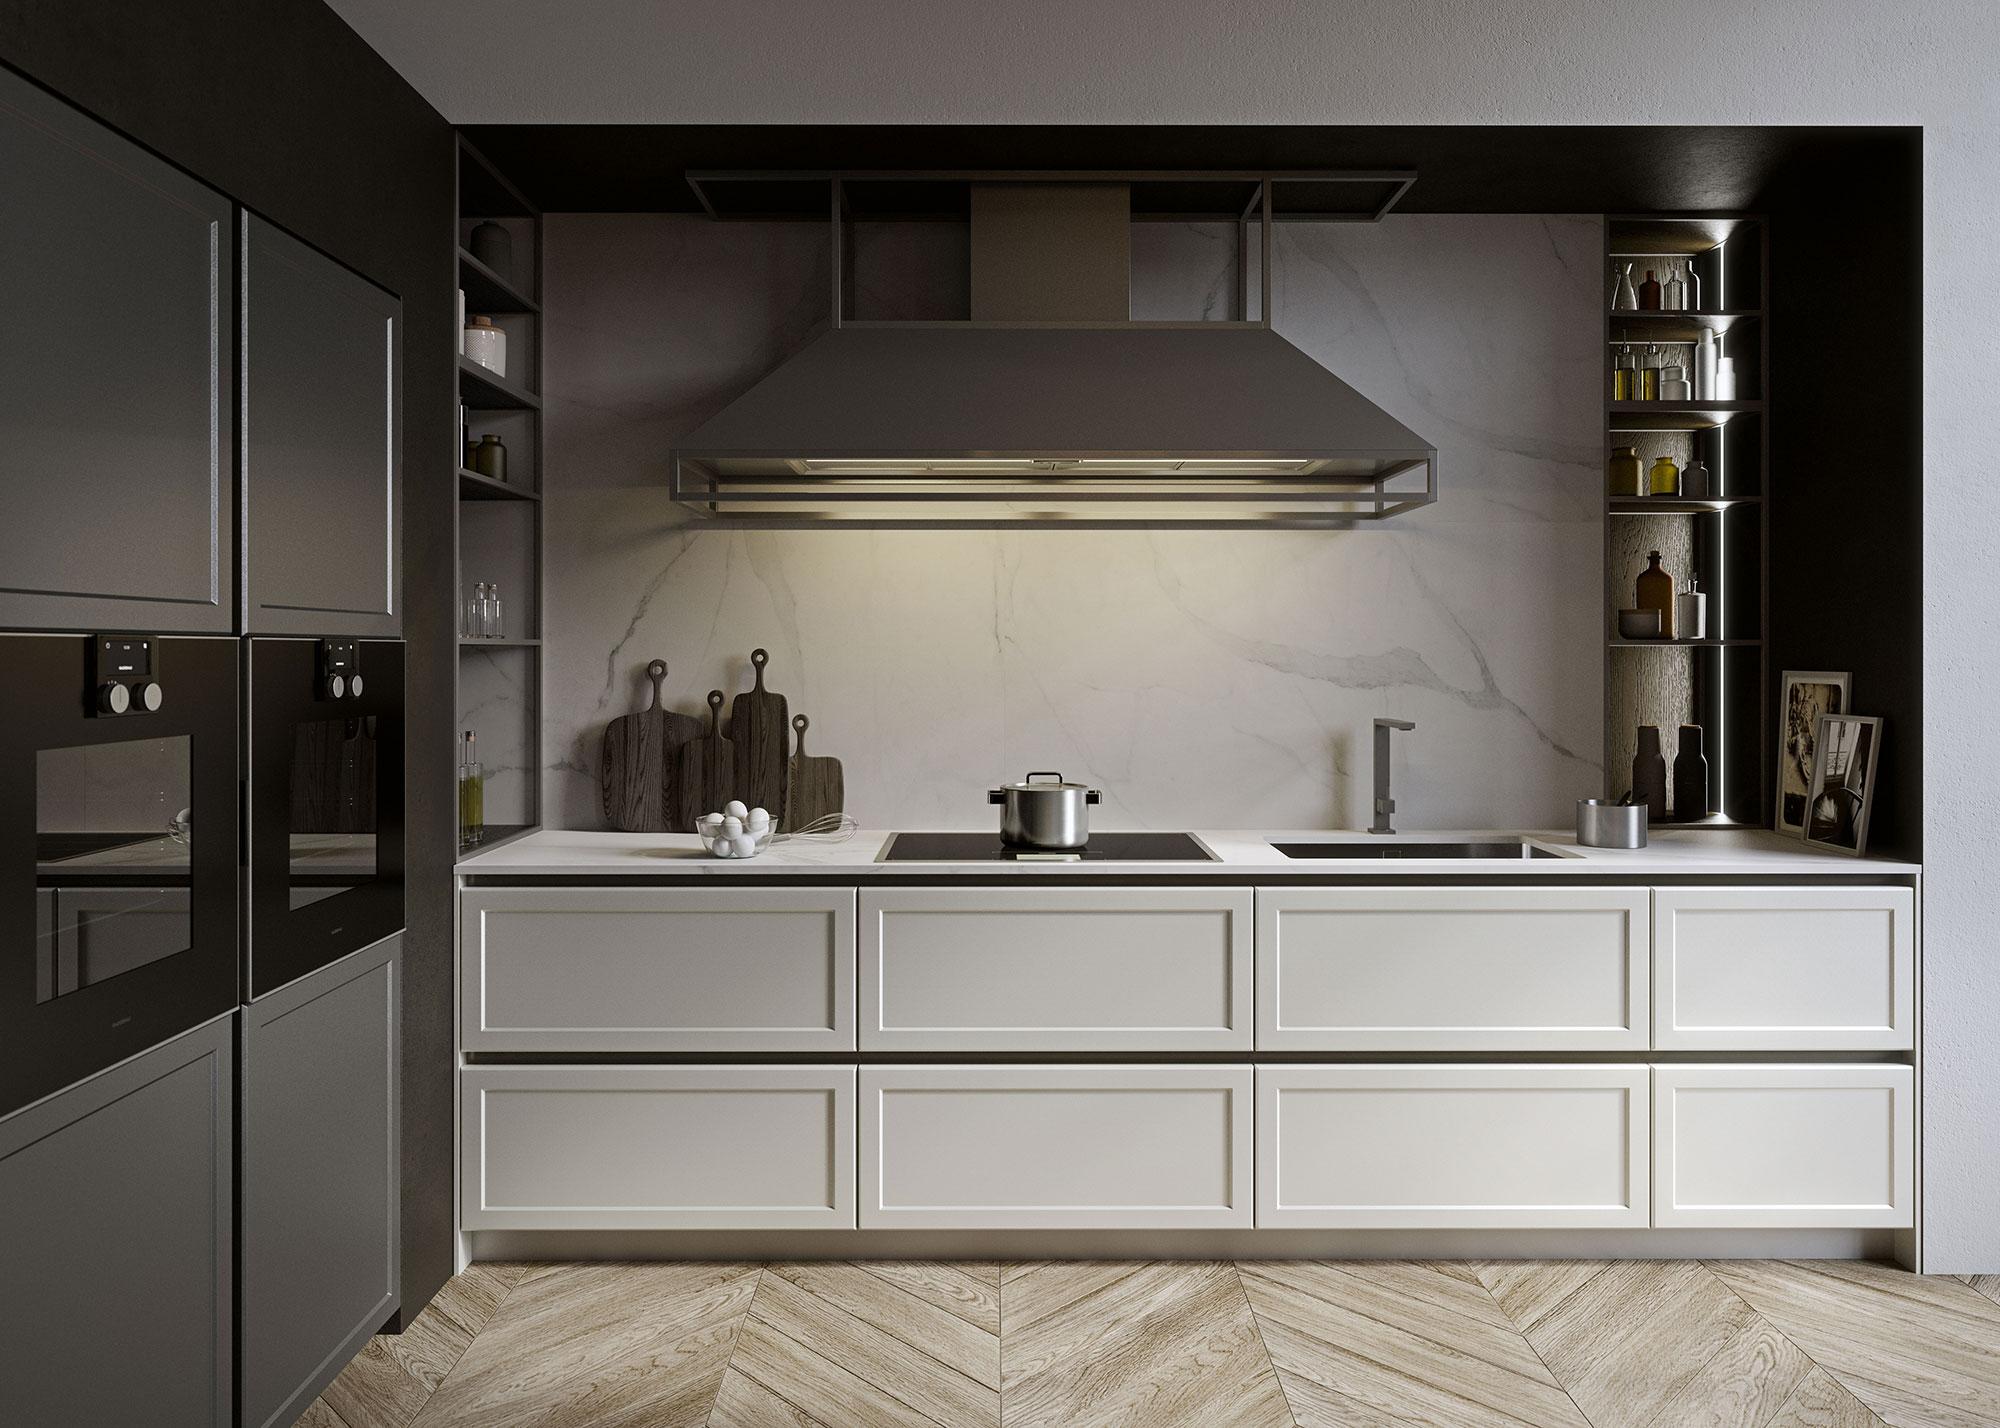 cucine-classiche-con-isola-frame-snaidero-dettaglio-6 (1)